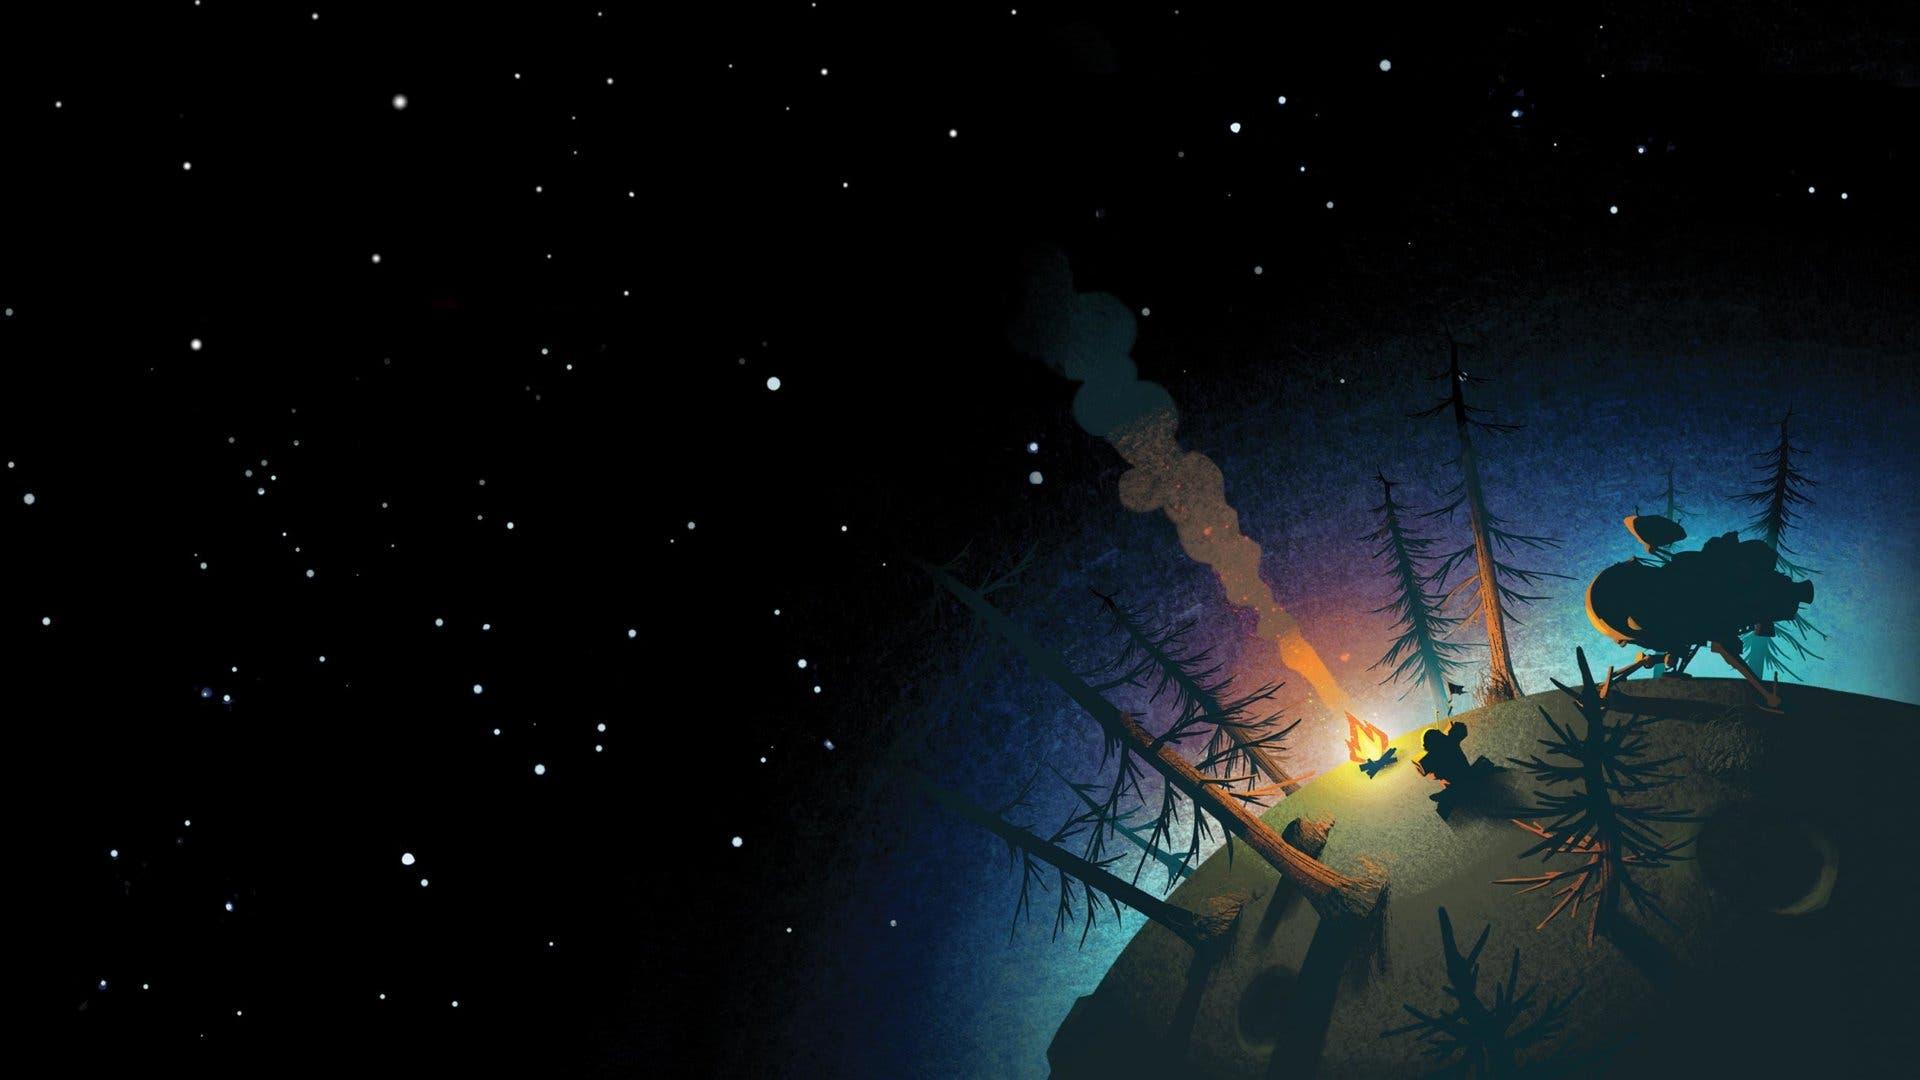 Imagen de Análisis Outer Wilds: El misterio como motor de la aventura